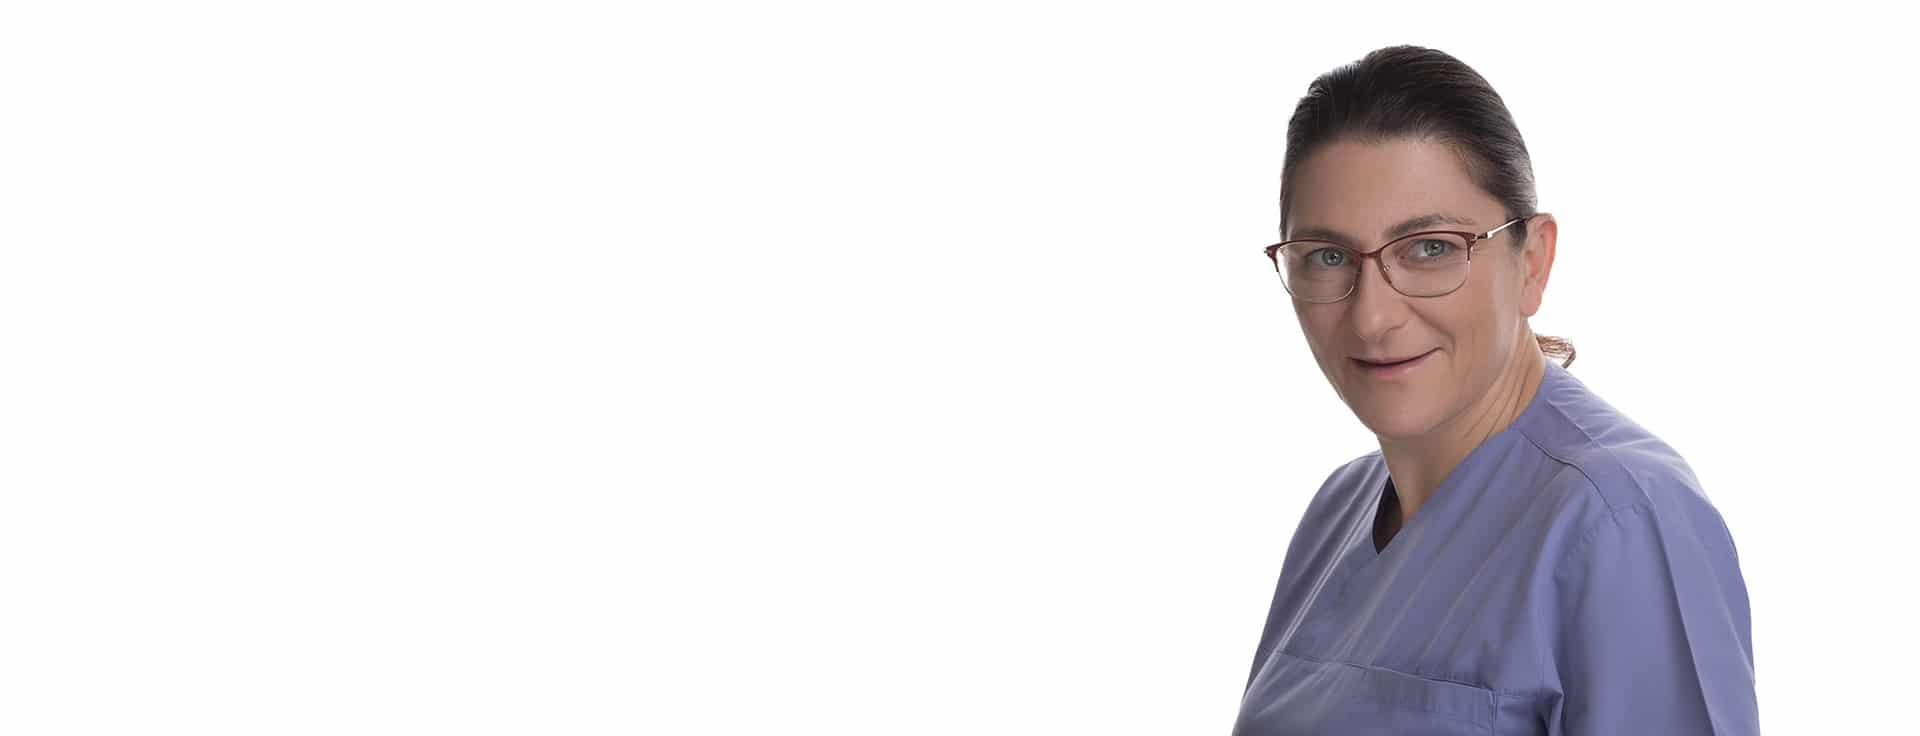 Dr Milvia Di Gioia